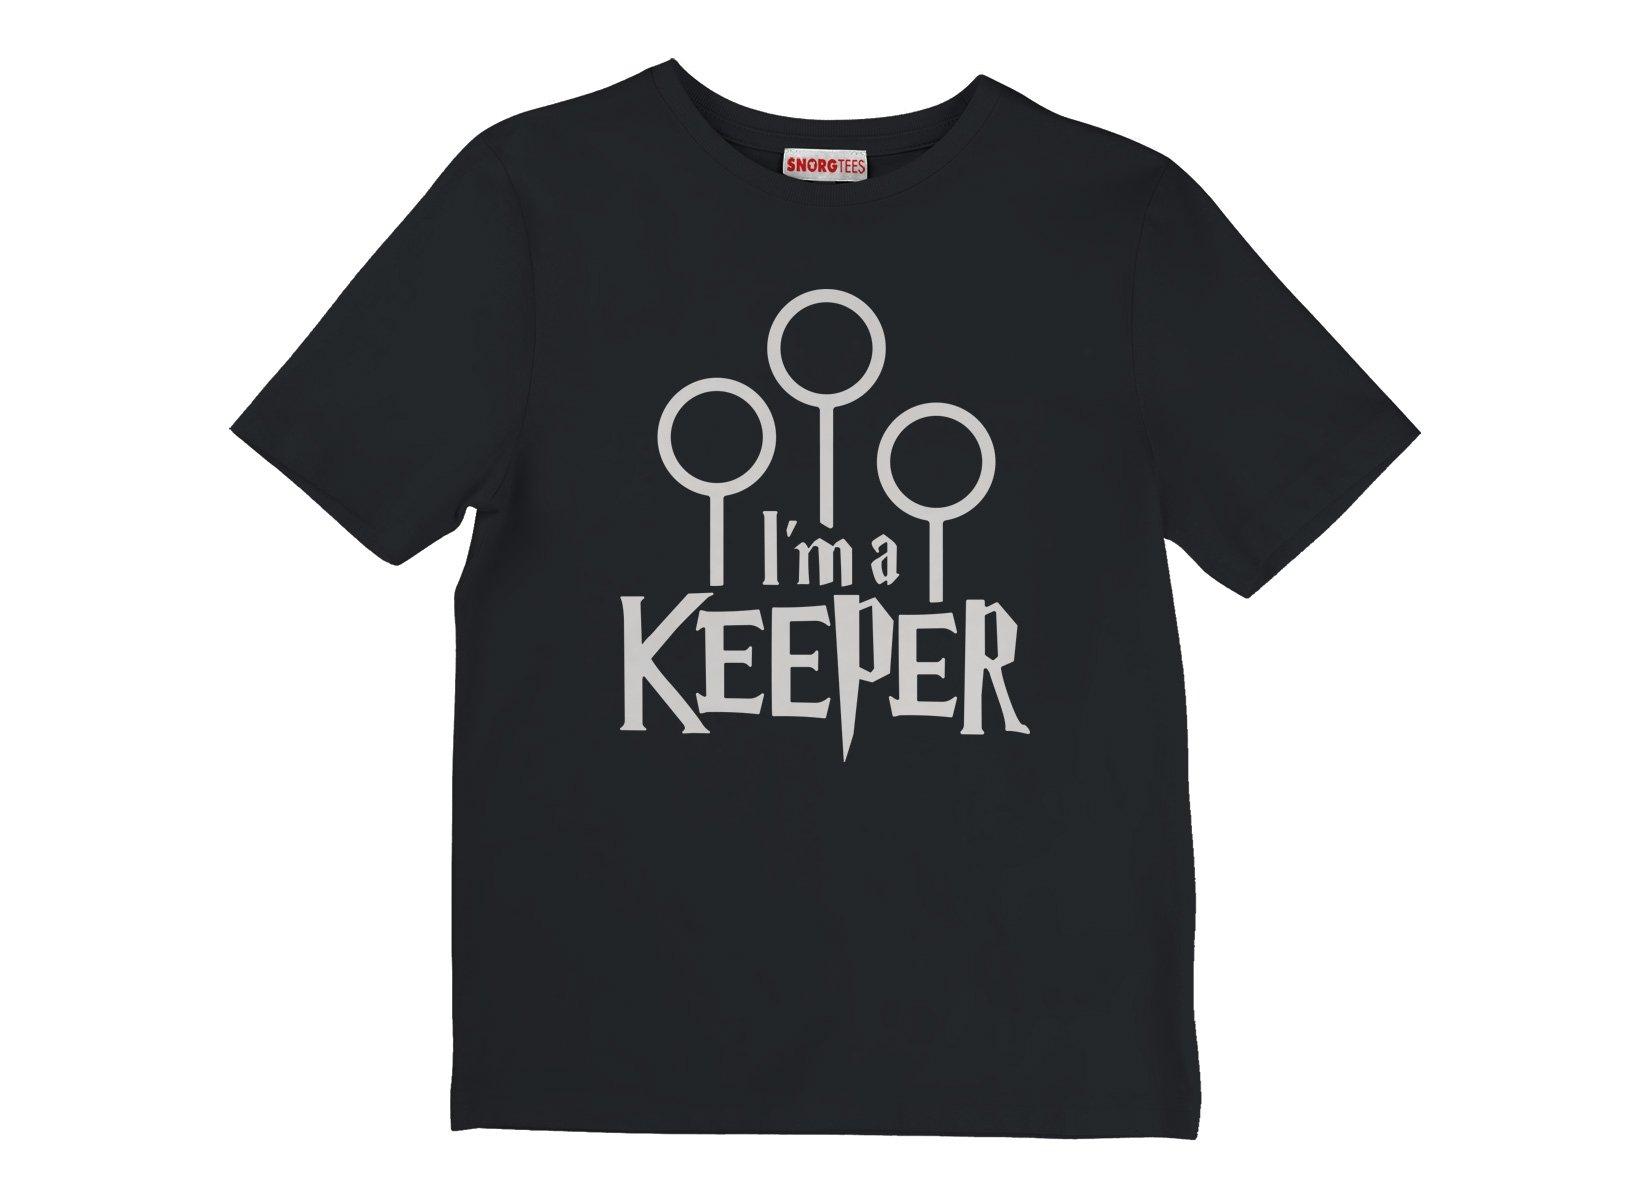 I'm A Keeper on Kids T-Shirt